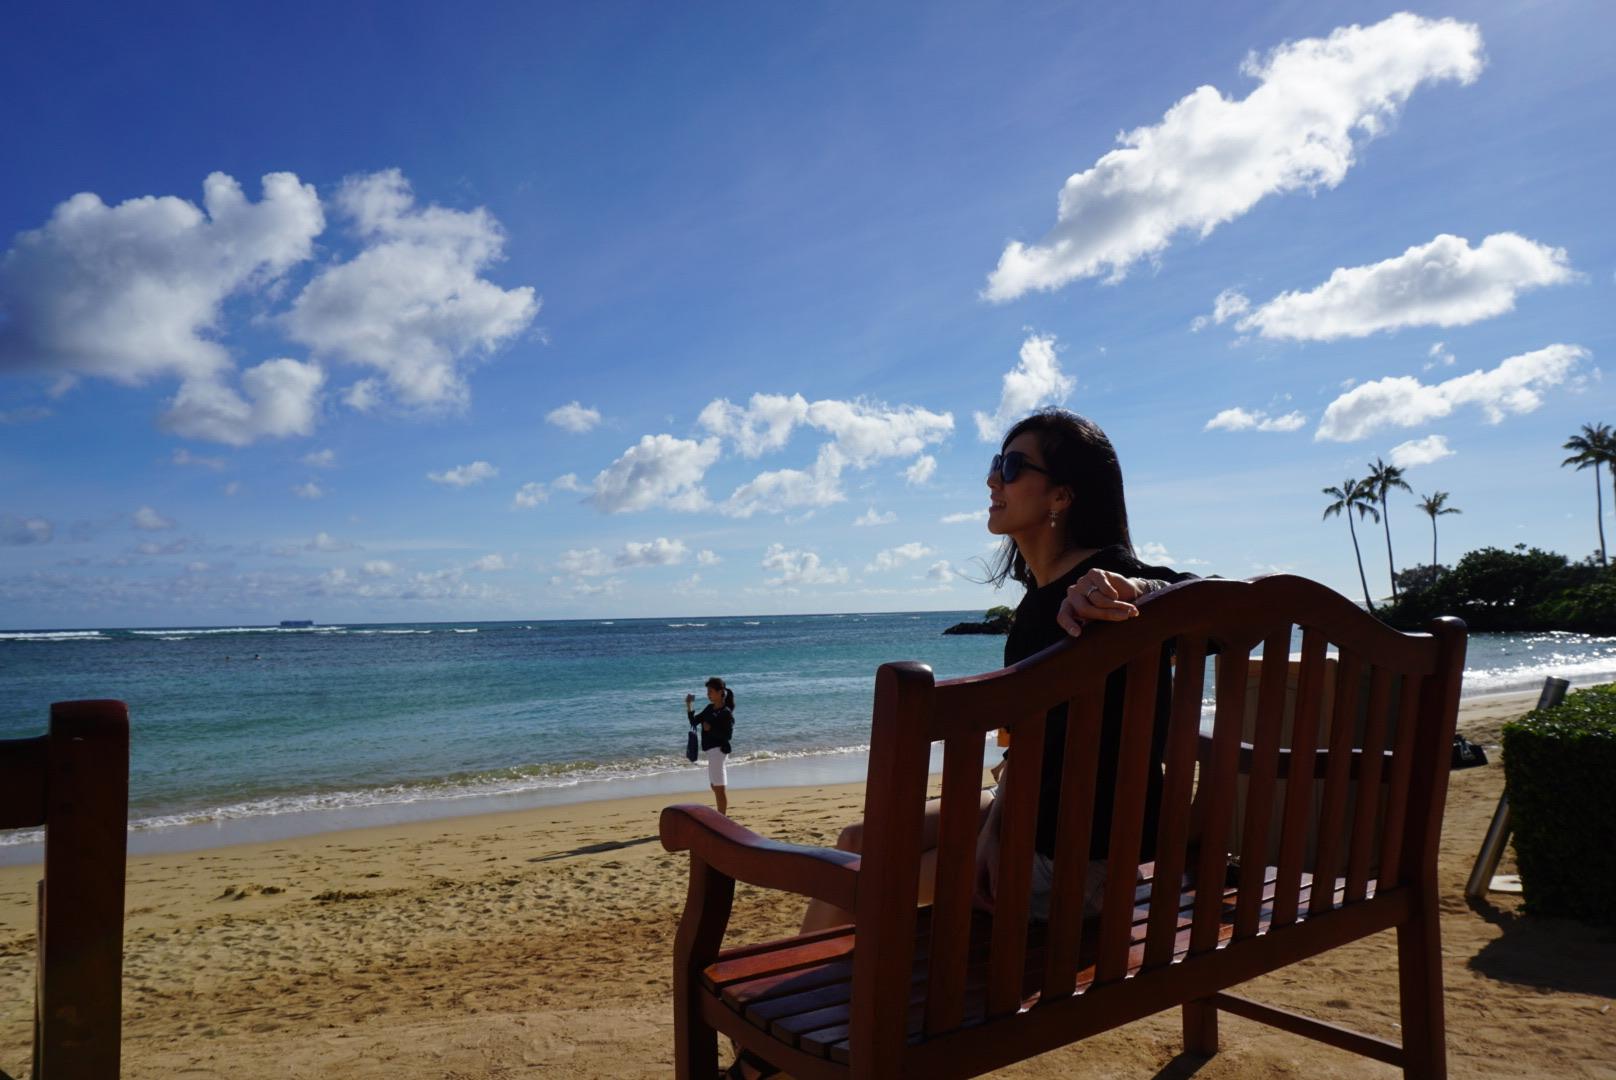 【ハワイ】現地でのスマホはsimカード派♡手続きや使い勝手をレポ